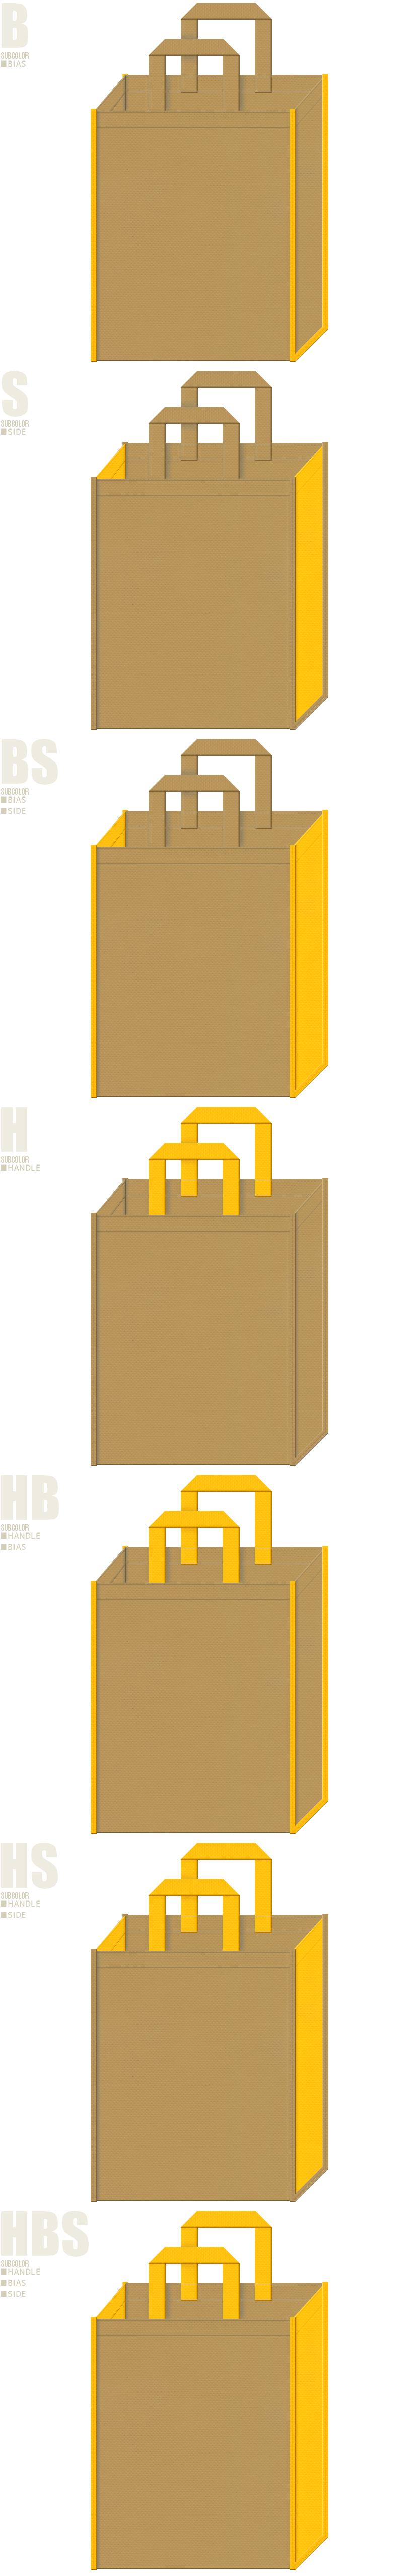 はちみつ・マスタード・カレーパン・マロンケーキ・安全用品の展示会用バッグにお奨めの不織布バッグデザイン:金黄土色と黄色の配色7パターン